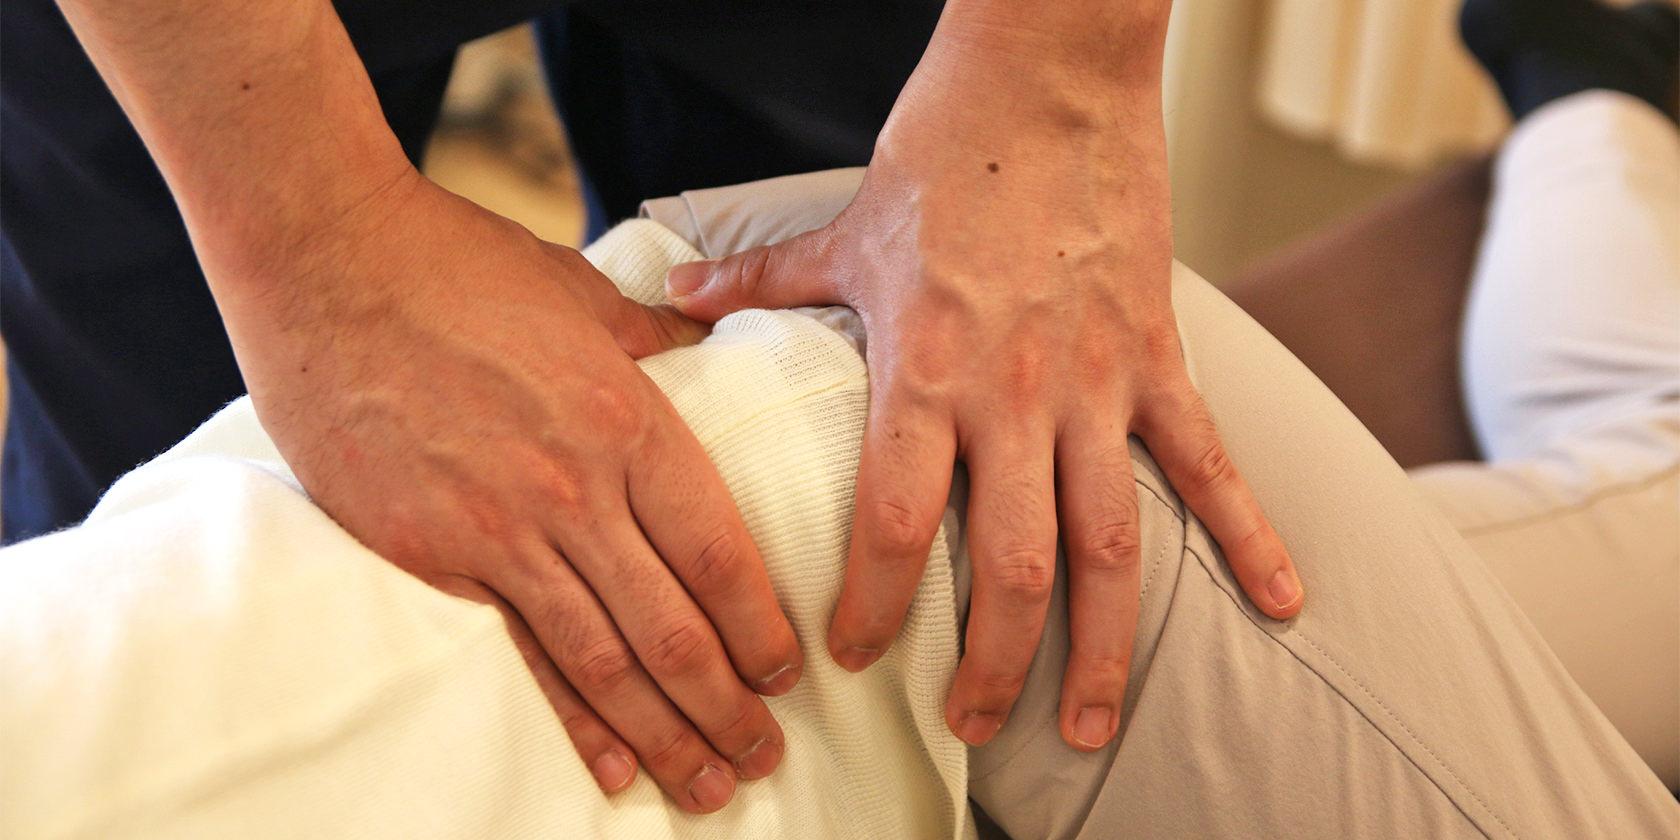 痛みの原因となる筋肉を、的確に治療する。